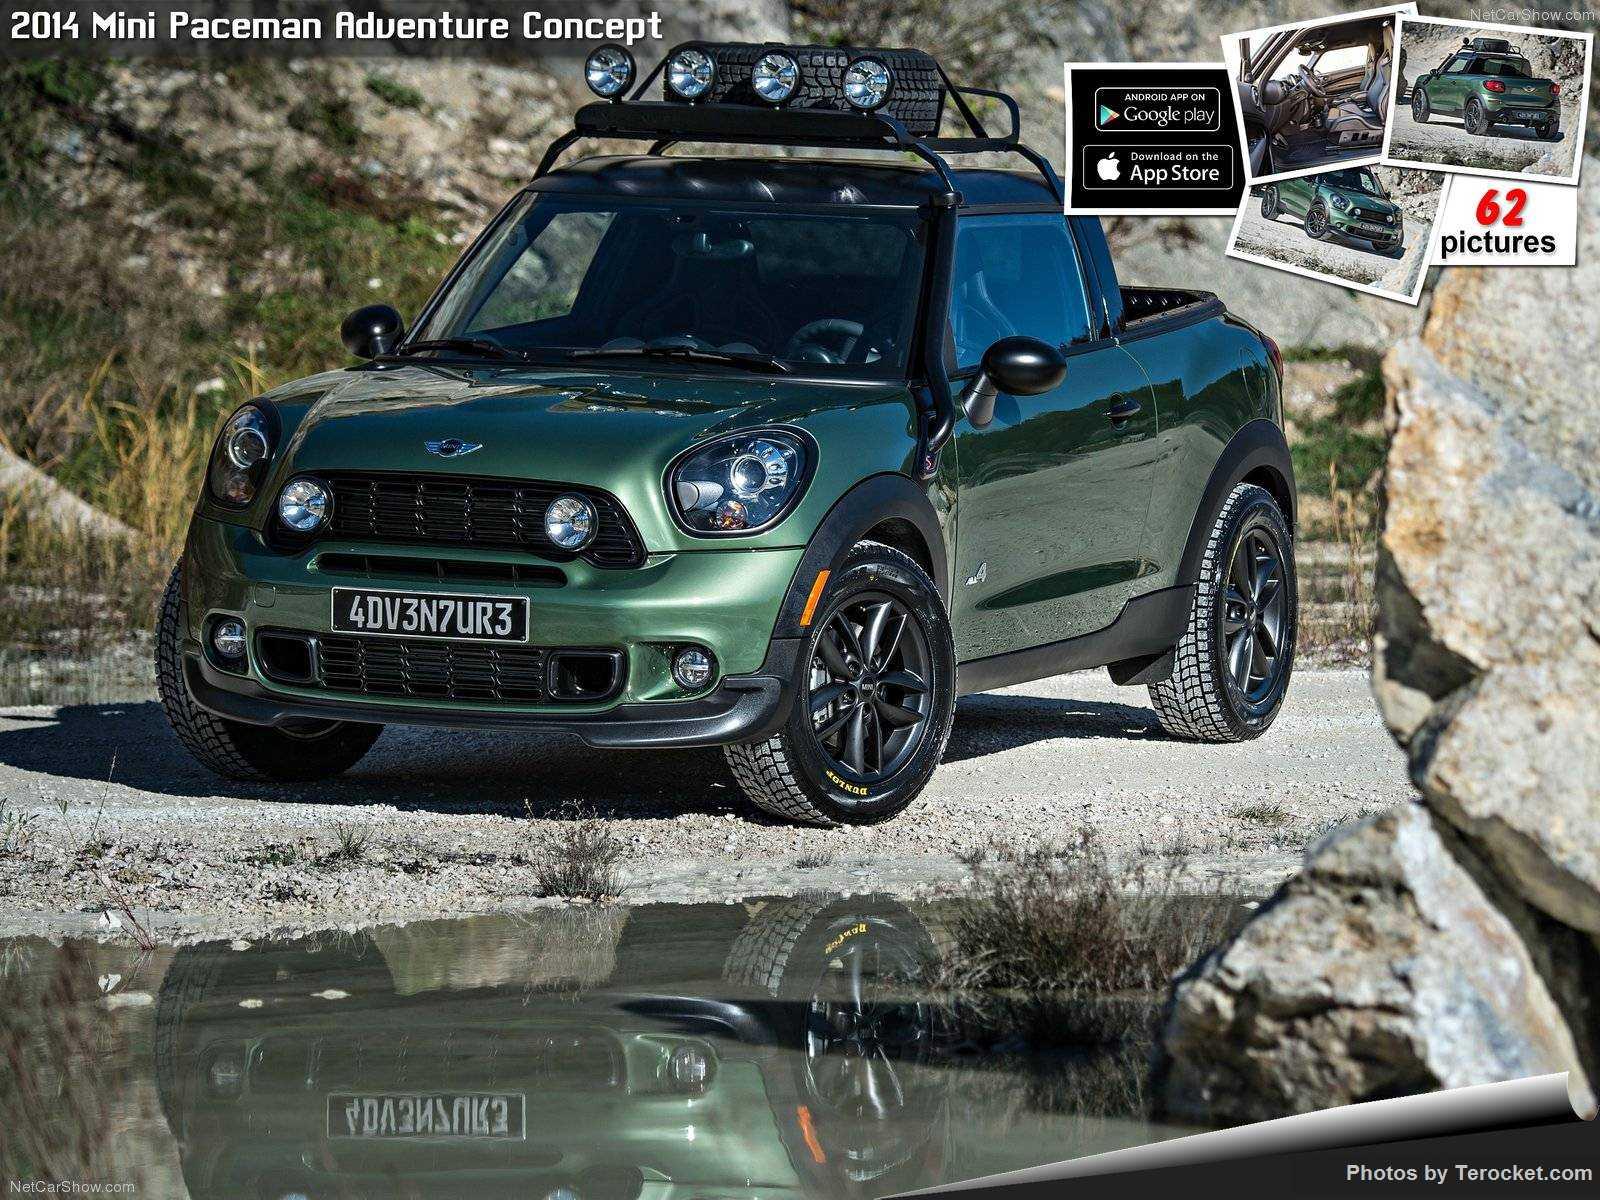 Hình ảnh xe ô tô Mini Paceman Adventure Concept 2014 & nội ngoại thất